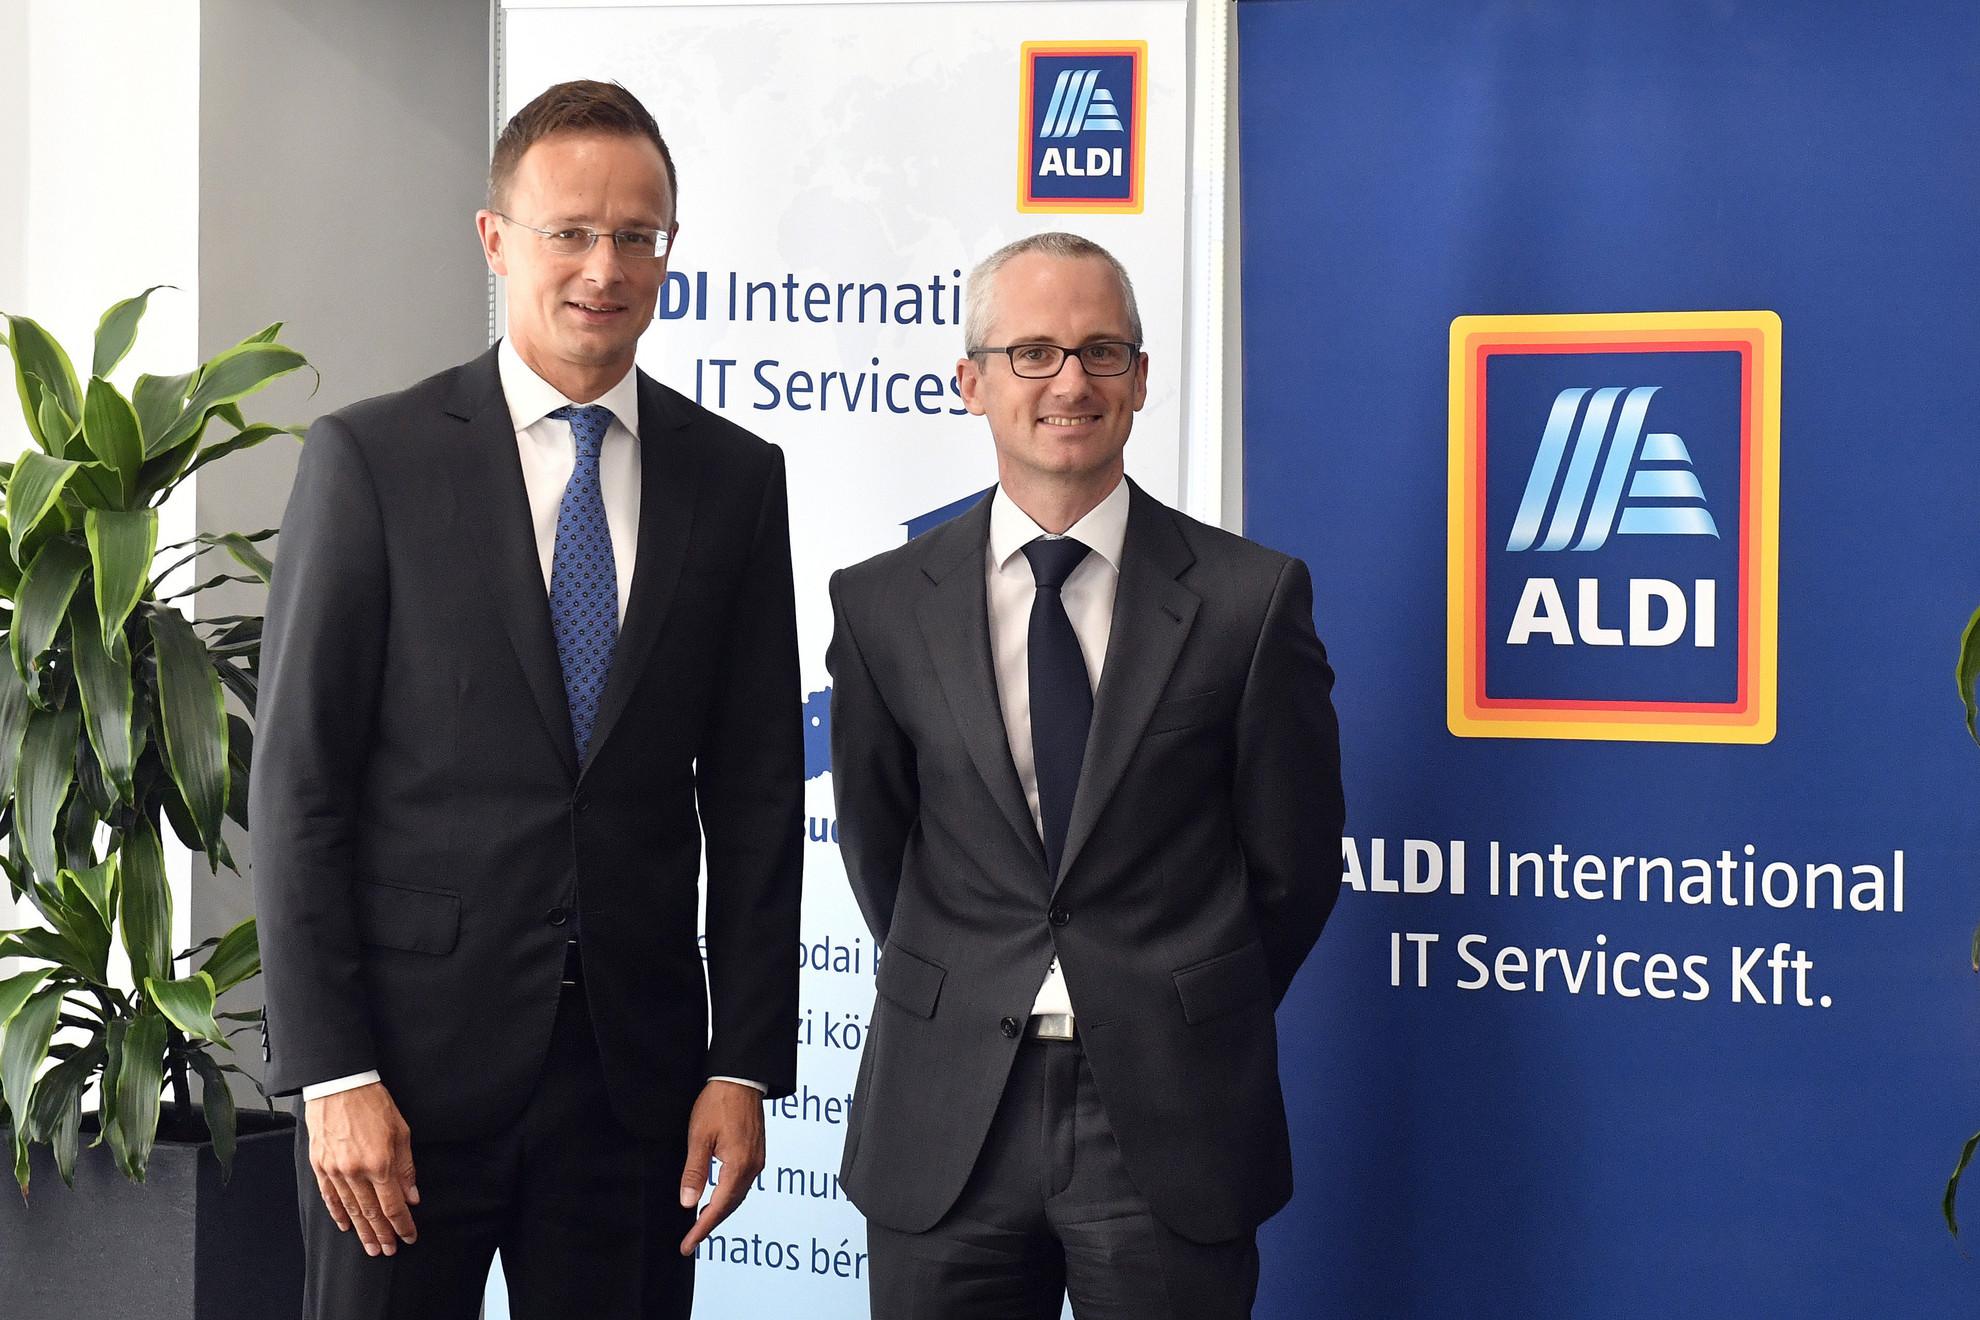 Szijjártó Péter külgazdasági és külügyminiszter (b) és David Godschalk (j), az ALDI International Services GmbH & Co. oHG ügyvezetője az ALDI International IT Services Kft. beruházásbejelentő sajtótájékoztatója előtt Pécsen 2019. szeptember 2-án